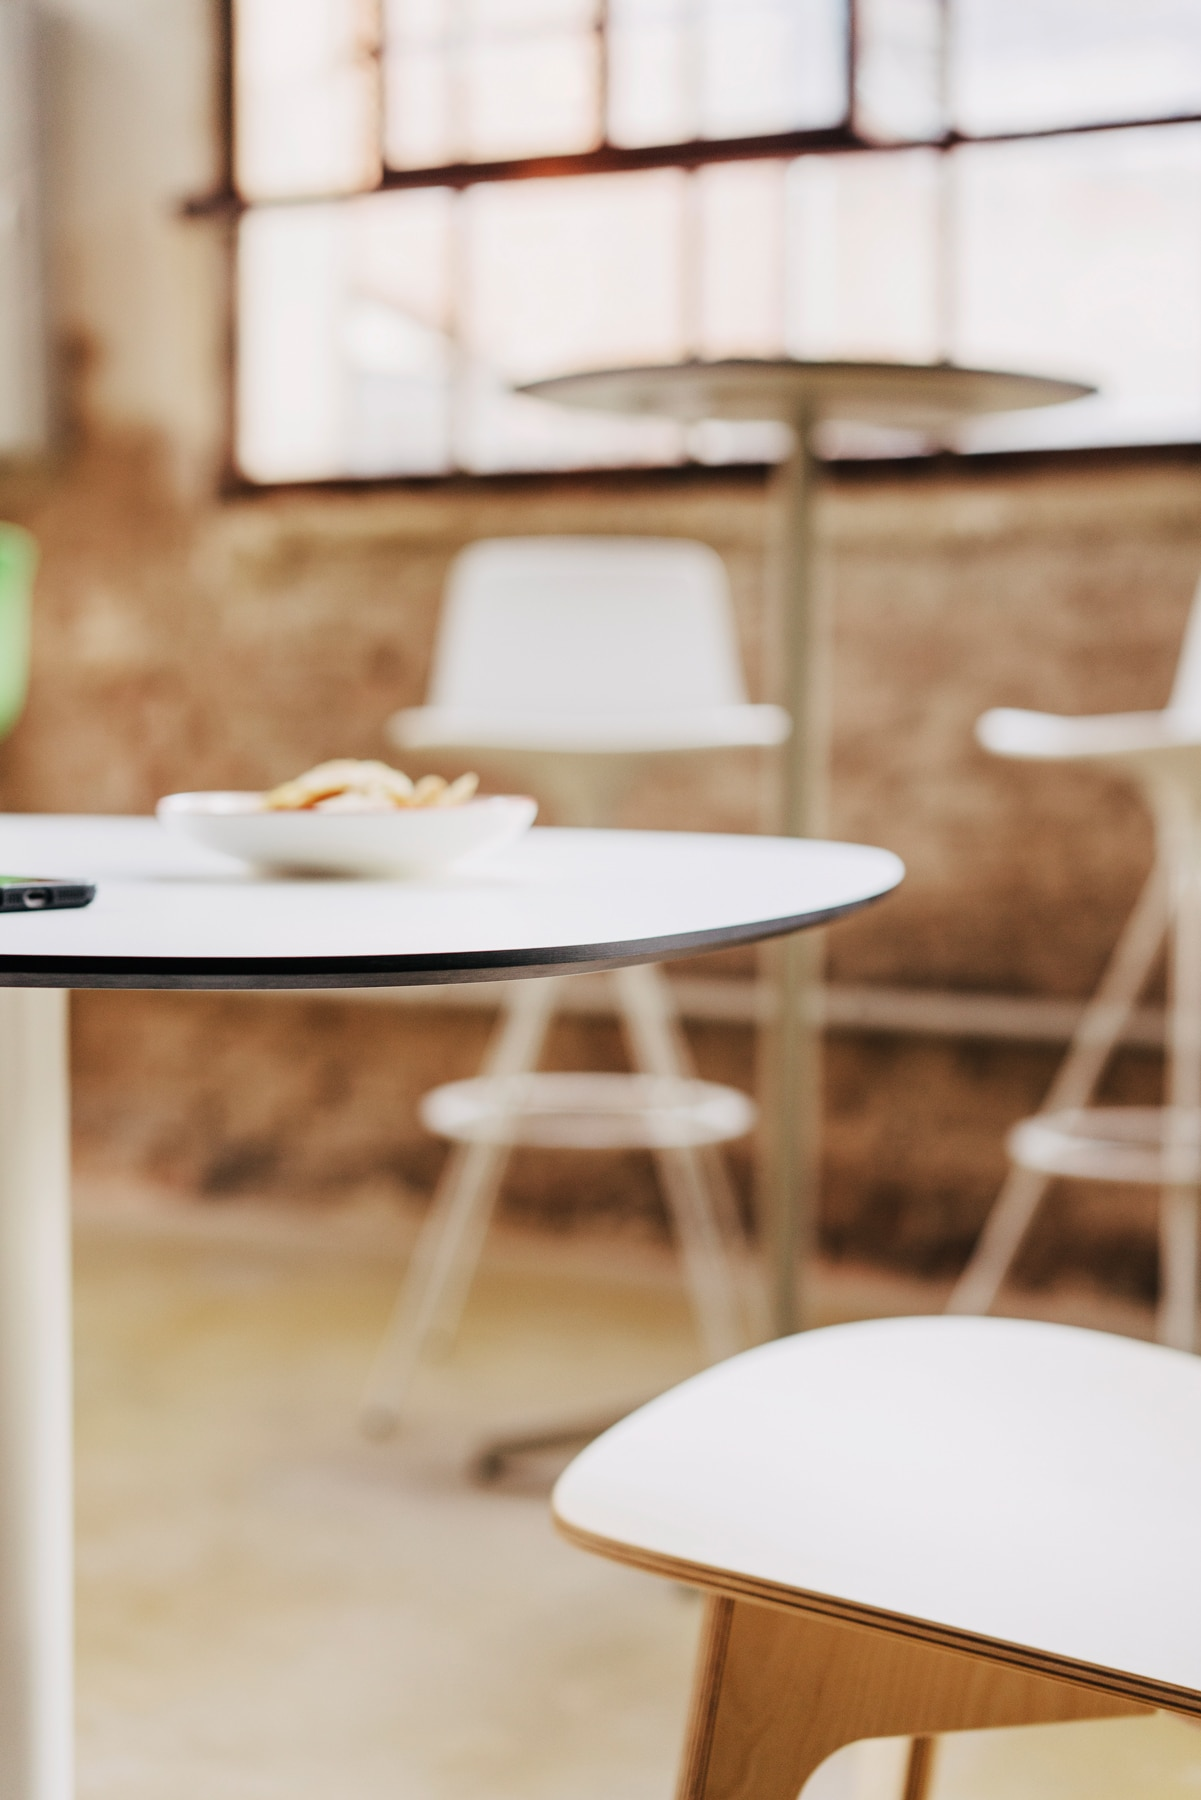 Lottus table